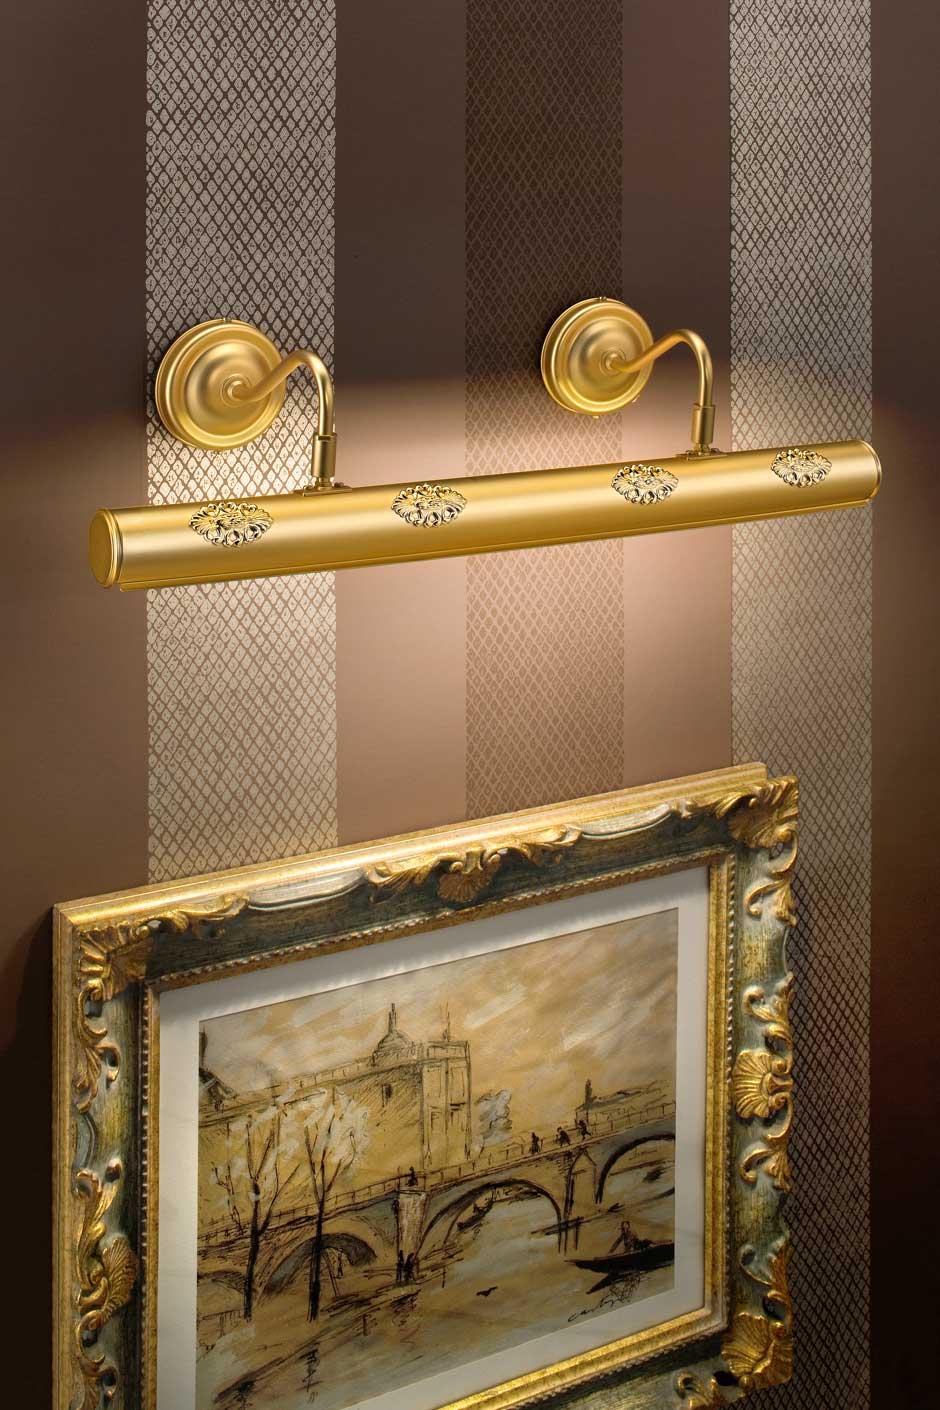 grande applique pour tableau cylindrique dor e mat masiero sp cialiste du lustre en cristal. Black Bedroom Furniture Sets. Home Design Ideas